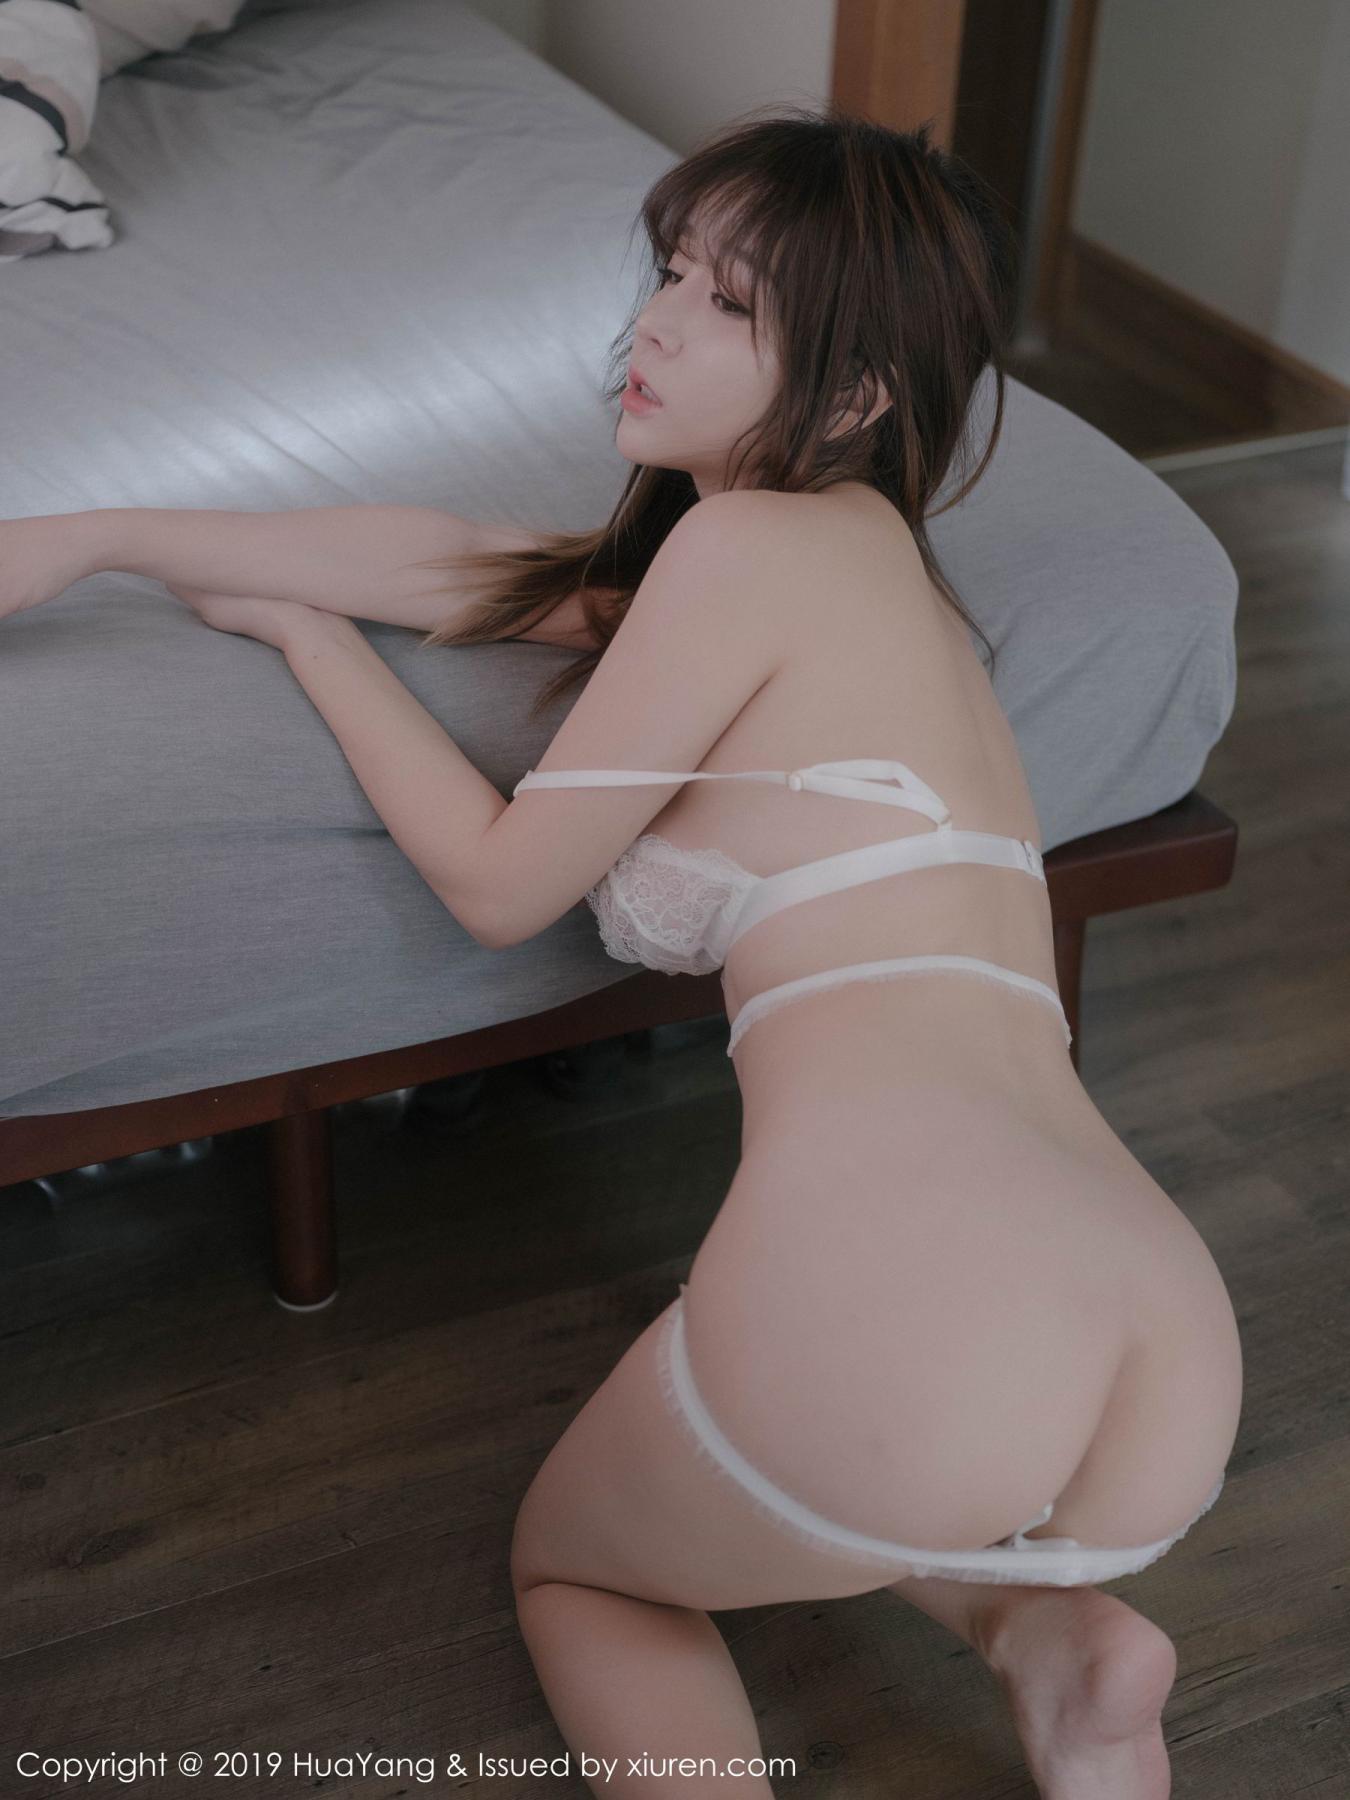 [Huayang] Vol.120 Wang Yu Chun 15P, Adult, Big Booty, HuaYang, Underwear, Wang Yu Chun